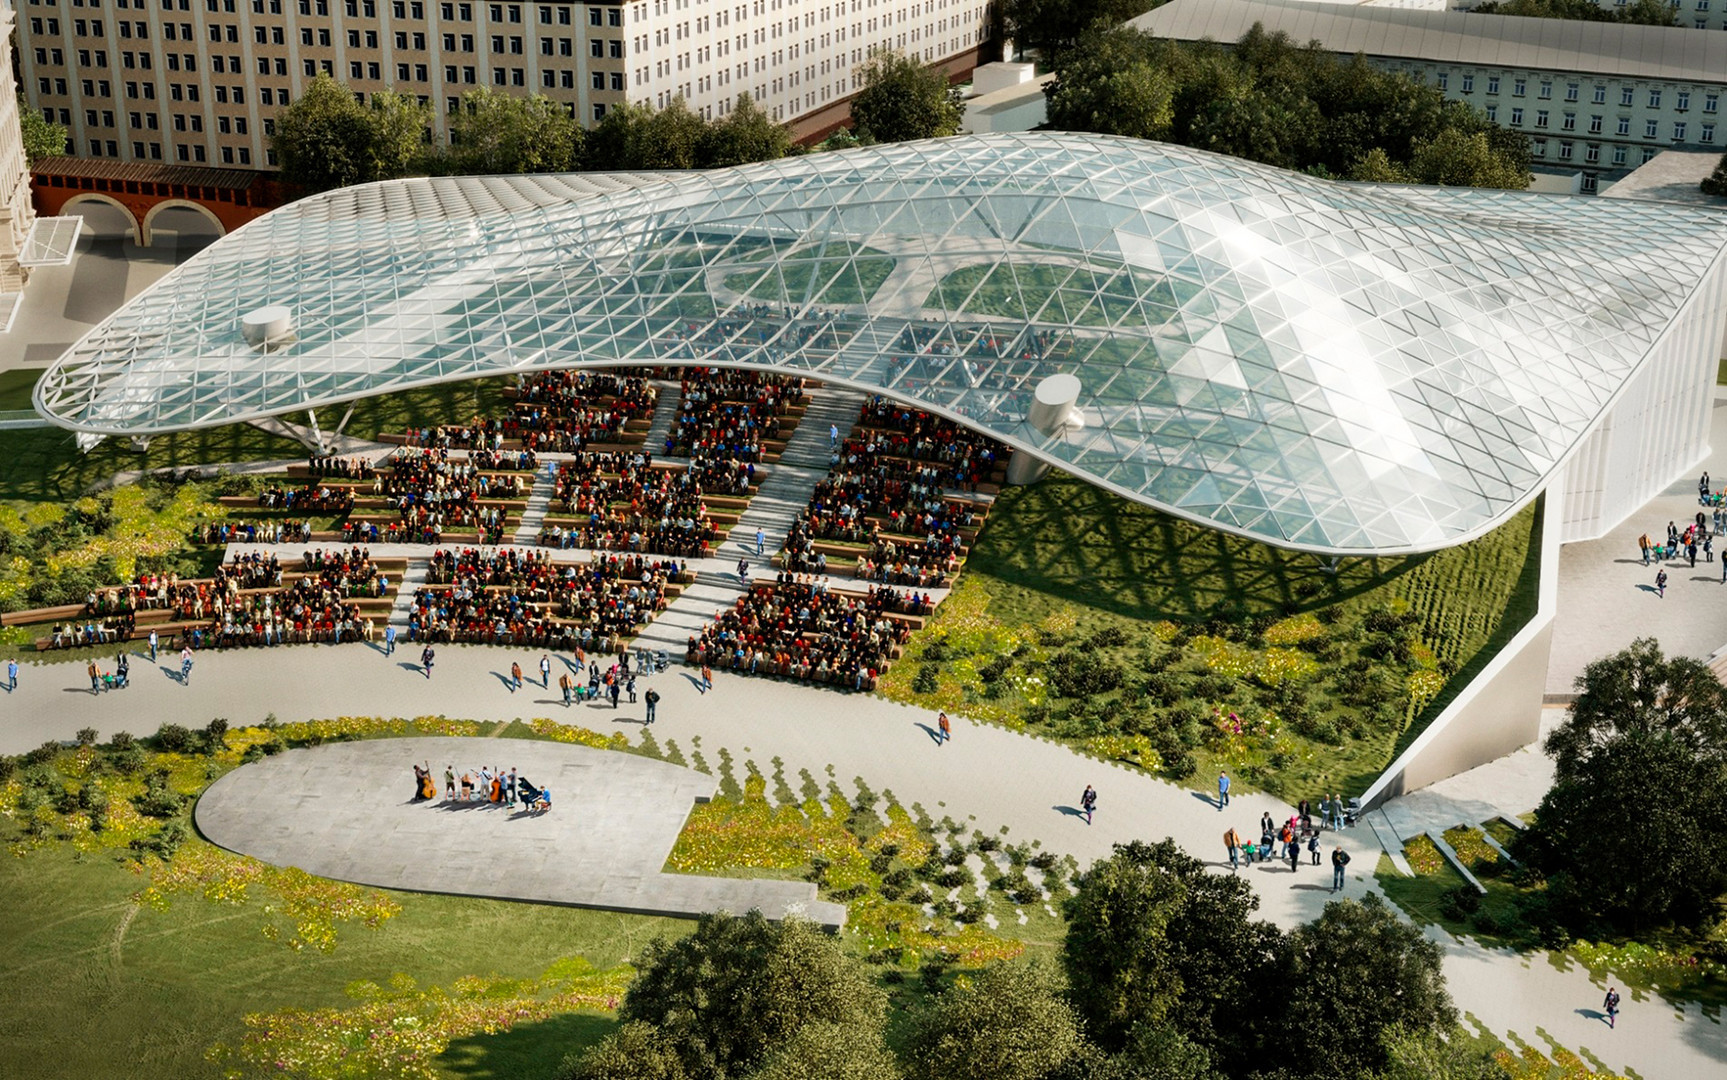 Estrutura de vidro na cobertura permite manter o calor no anfiteatro.